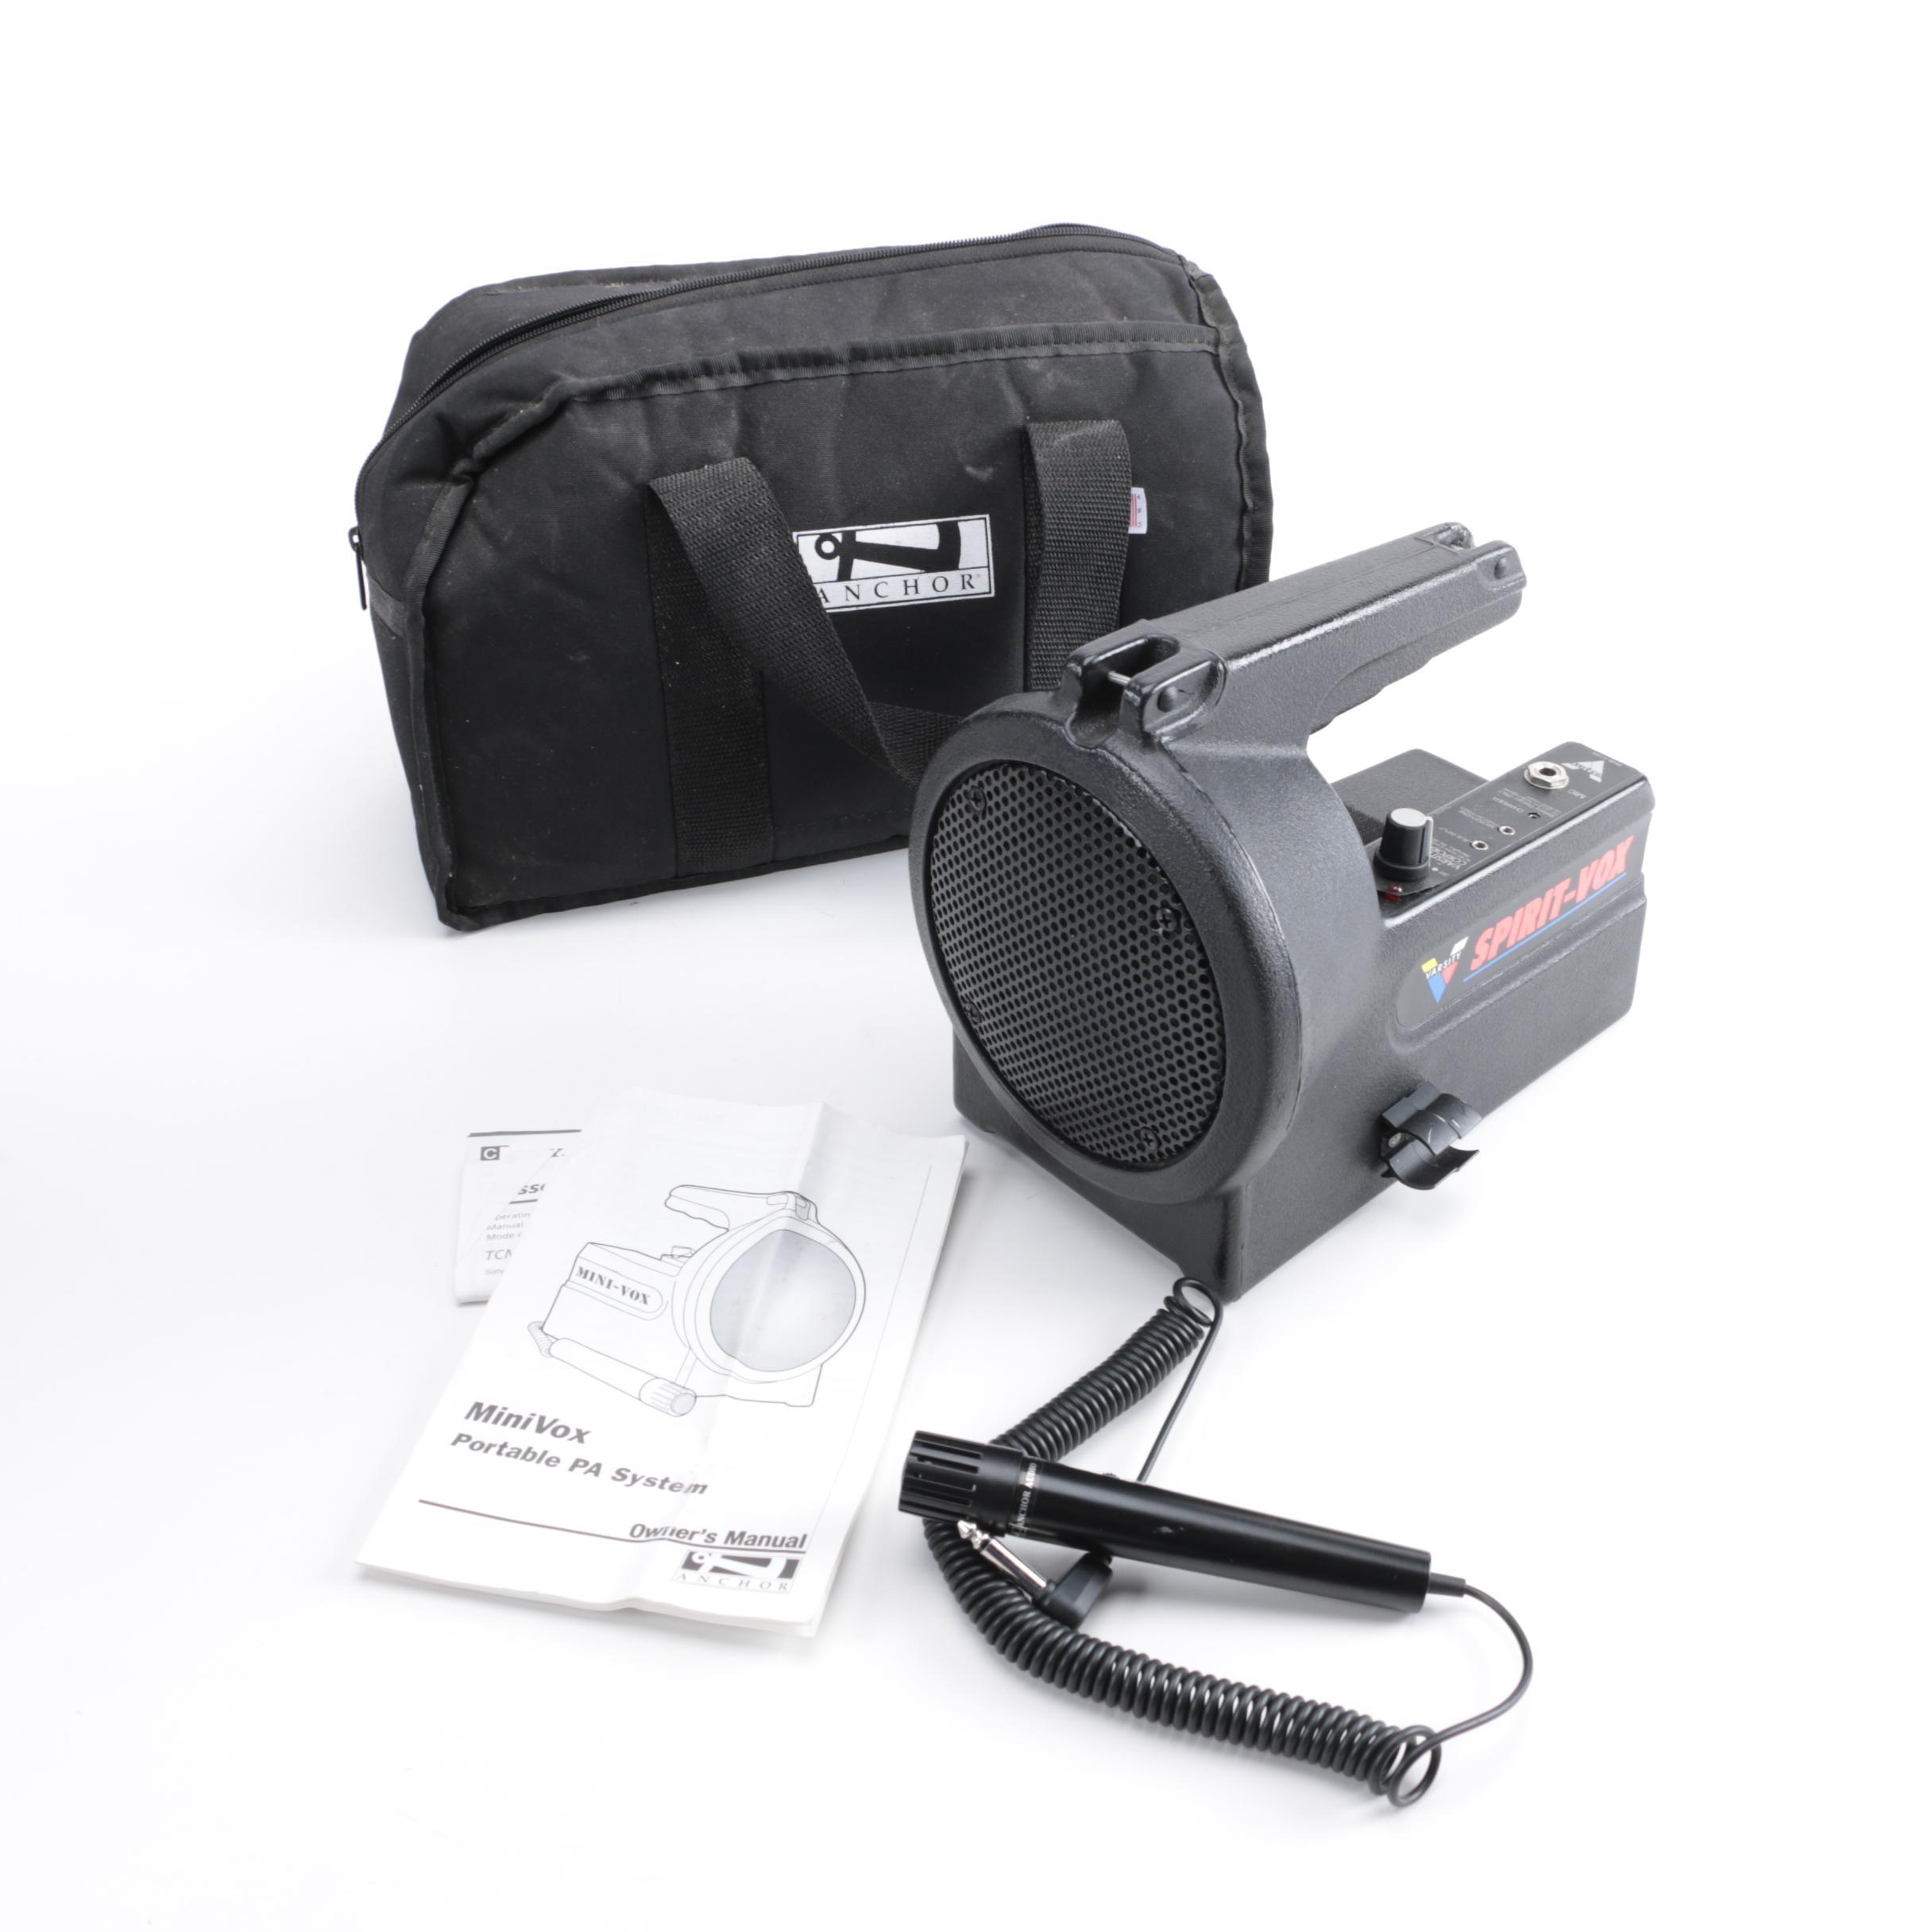 Mini Vox Portable PA System